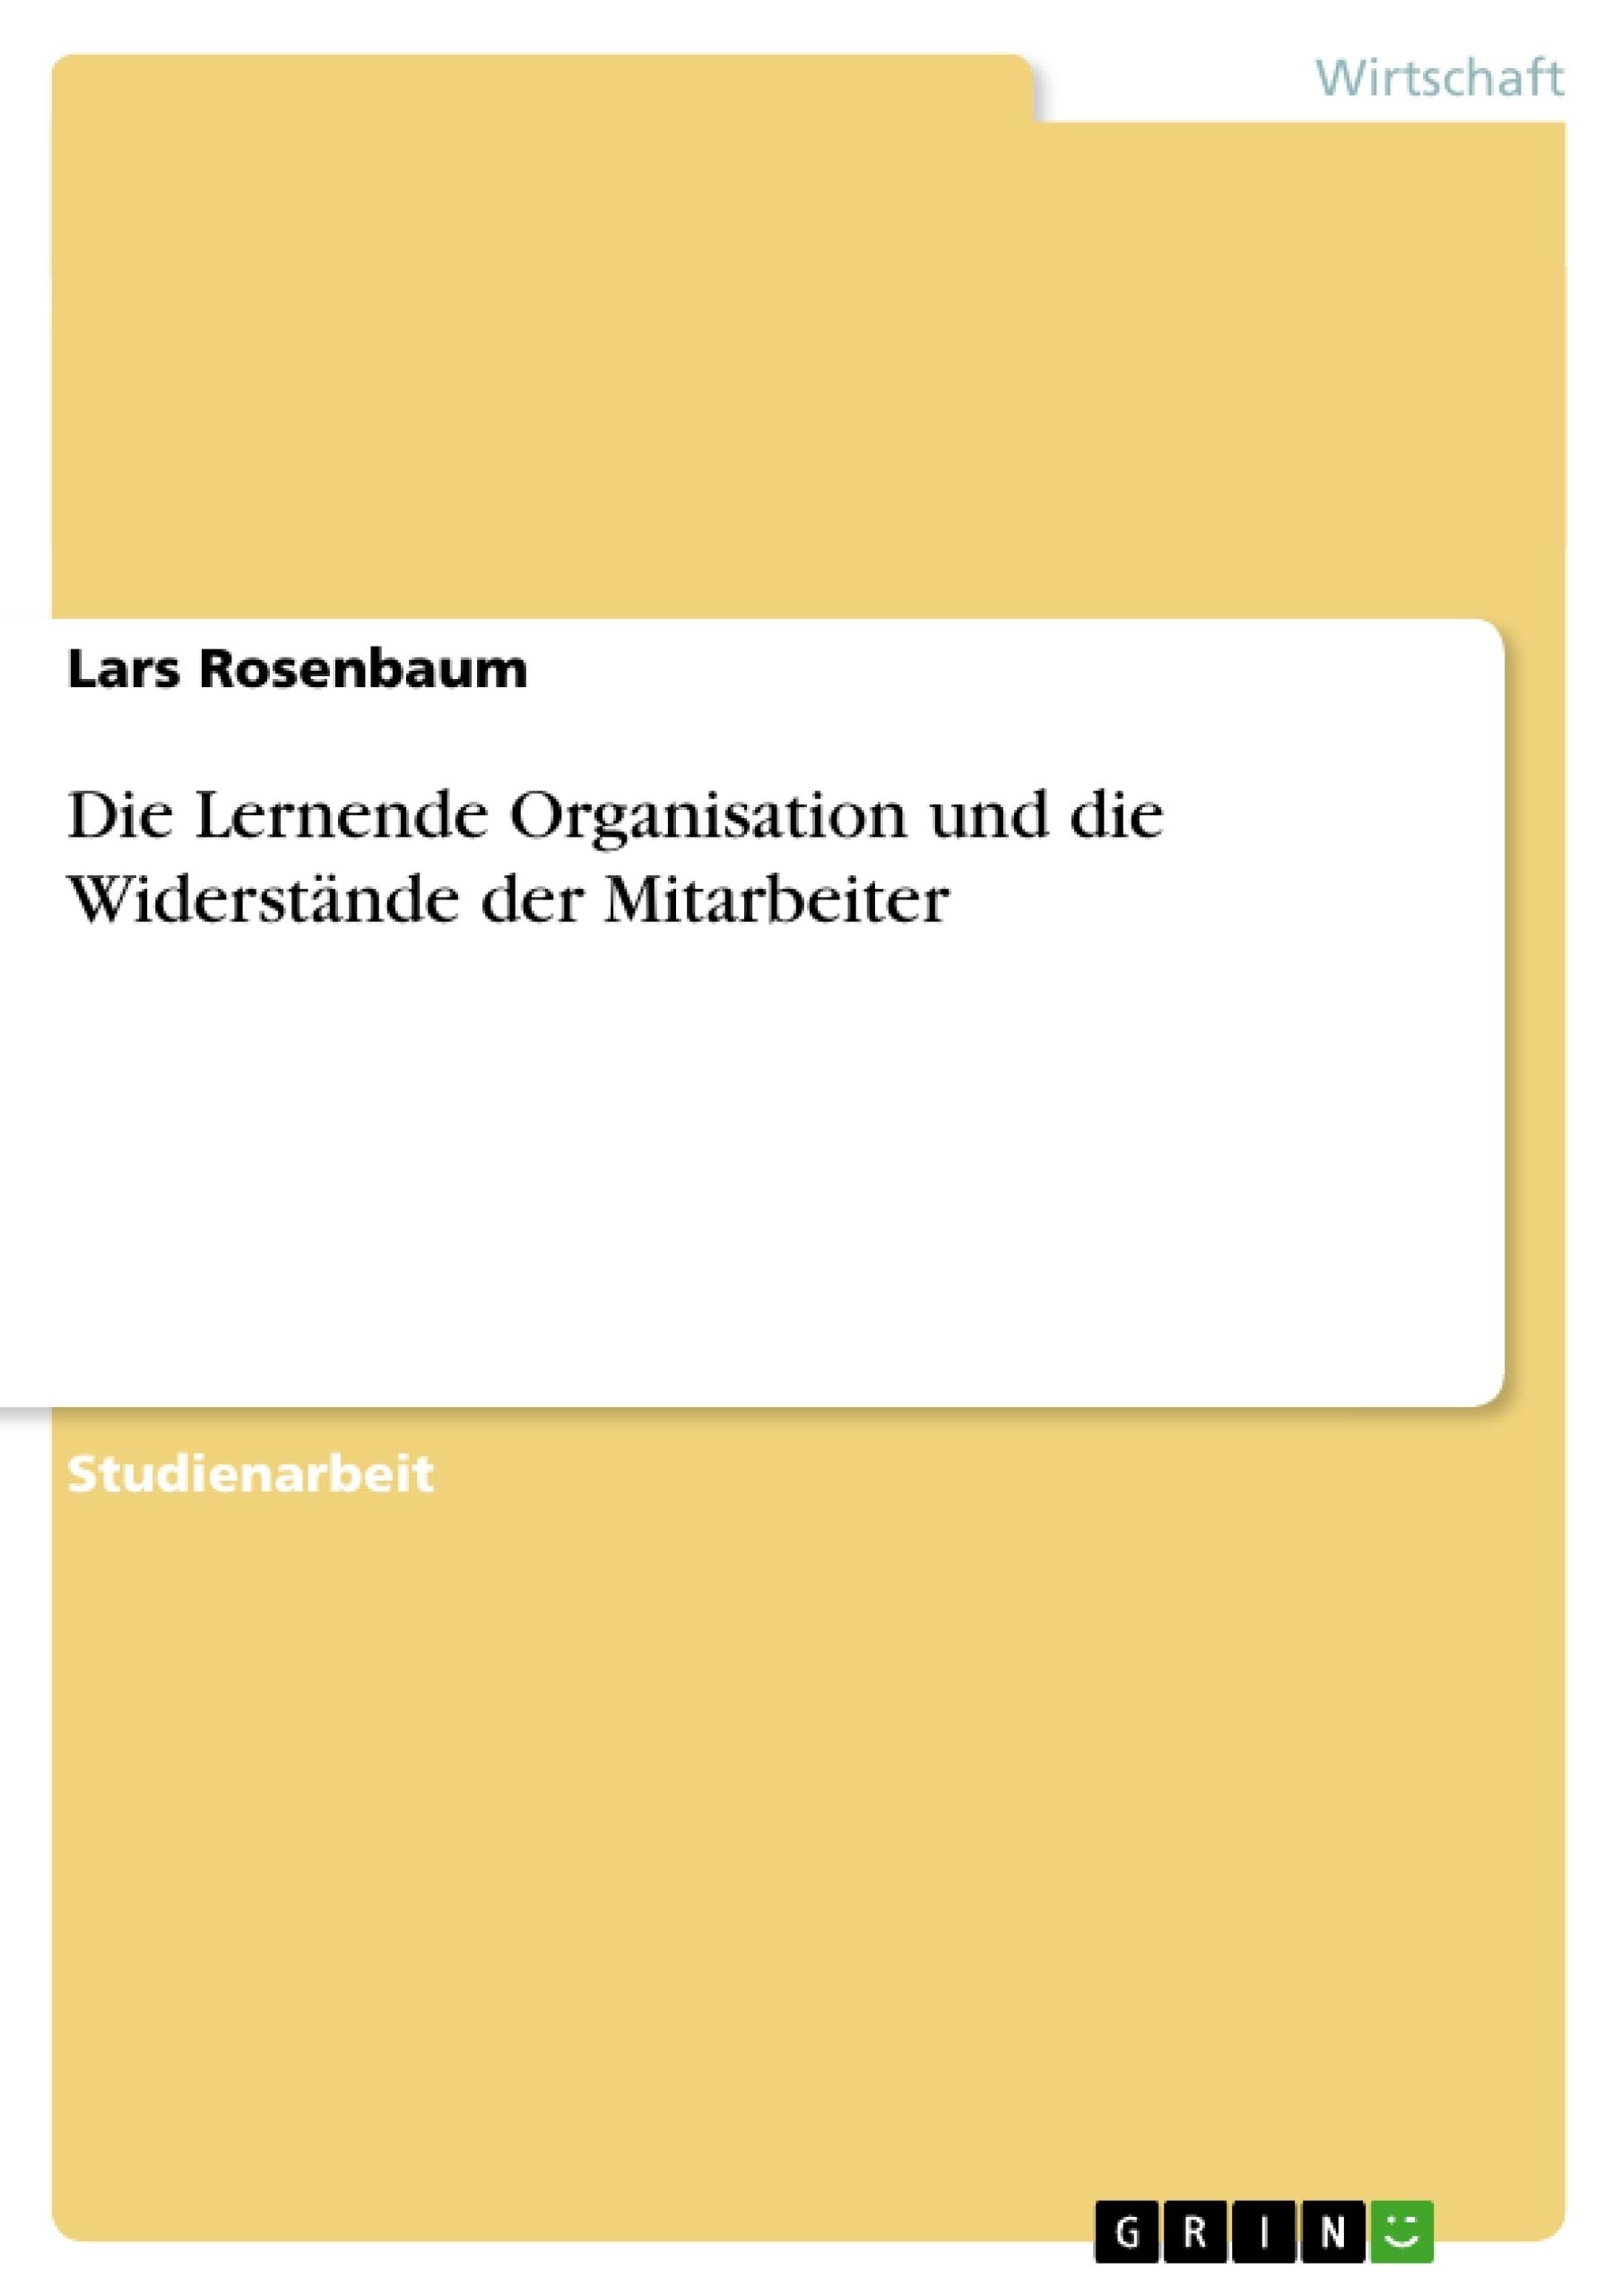 Titel: Die Lernende Organisation und die Widerstände der Mitarbeiter